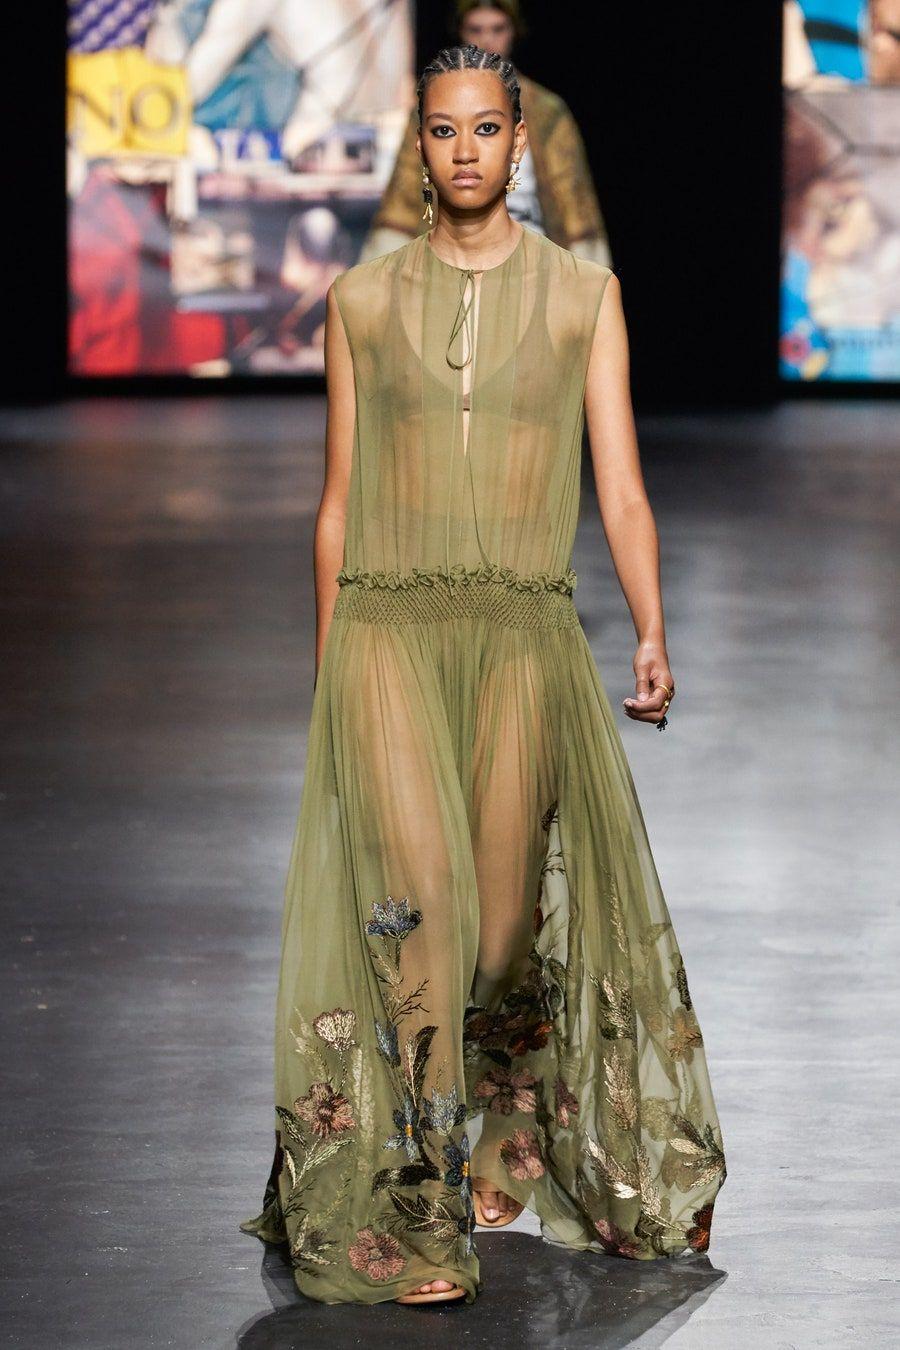 High Fashion - Dior - UPI.com